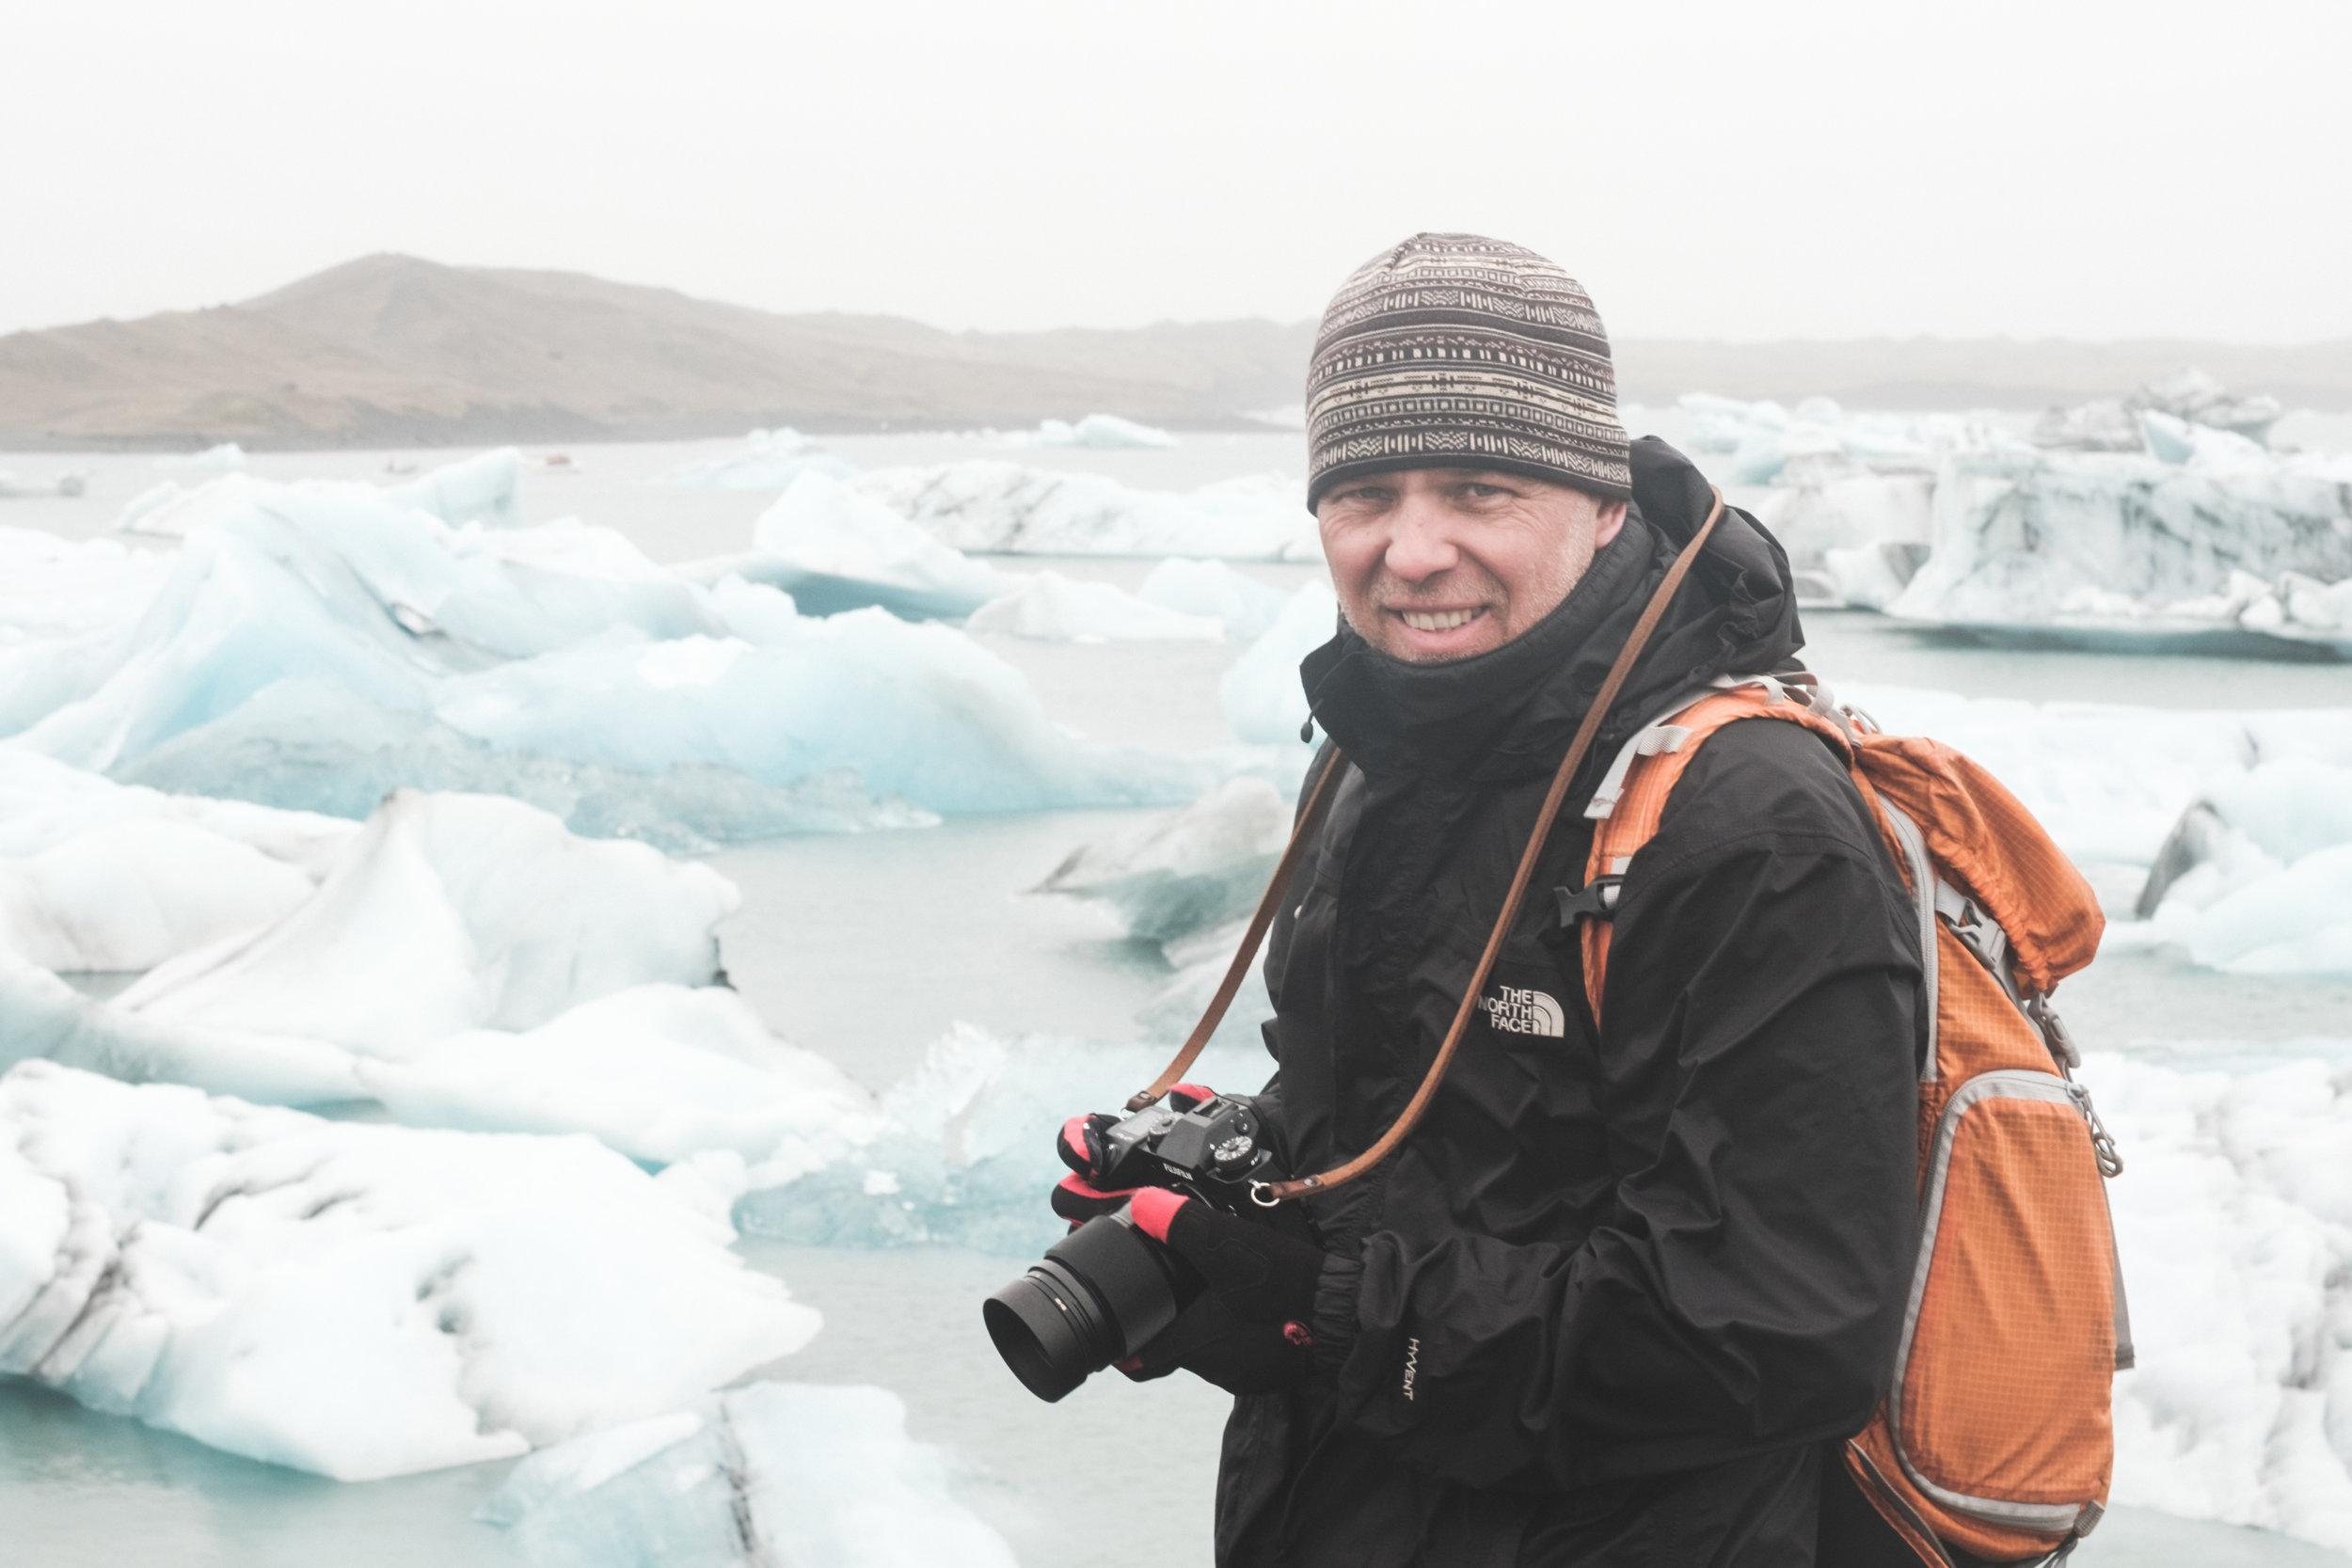 Morten - … at Jökulsárlón Glacier Lagoon in Iceland